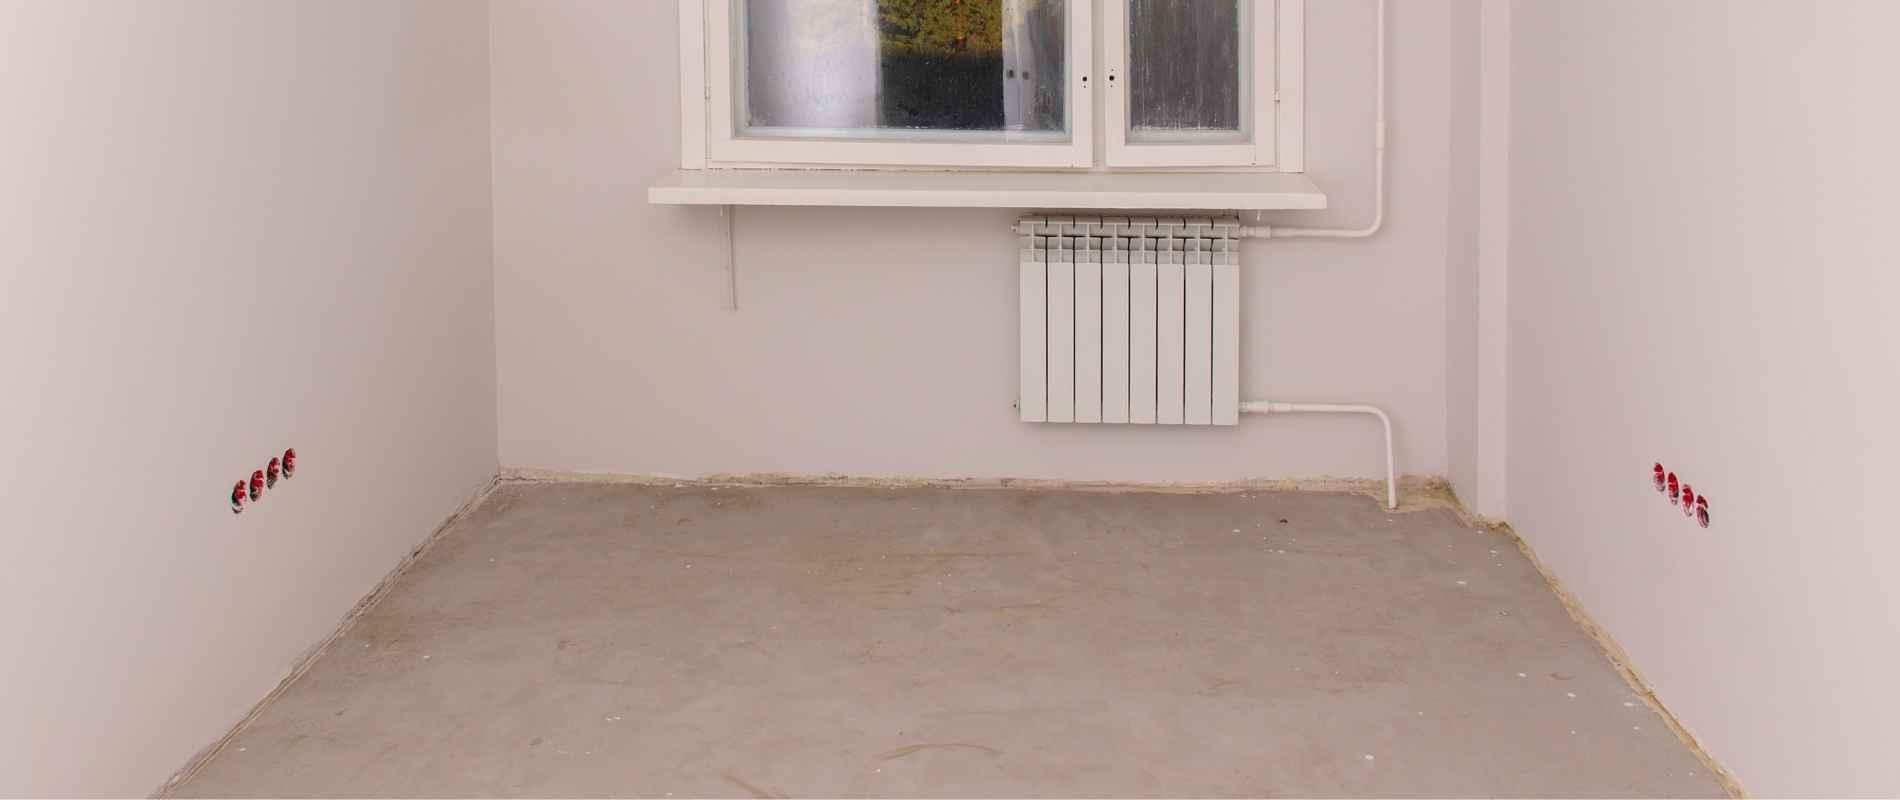 Osuszanie kondensacyjne mieszkań, budynków